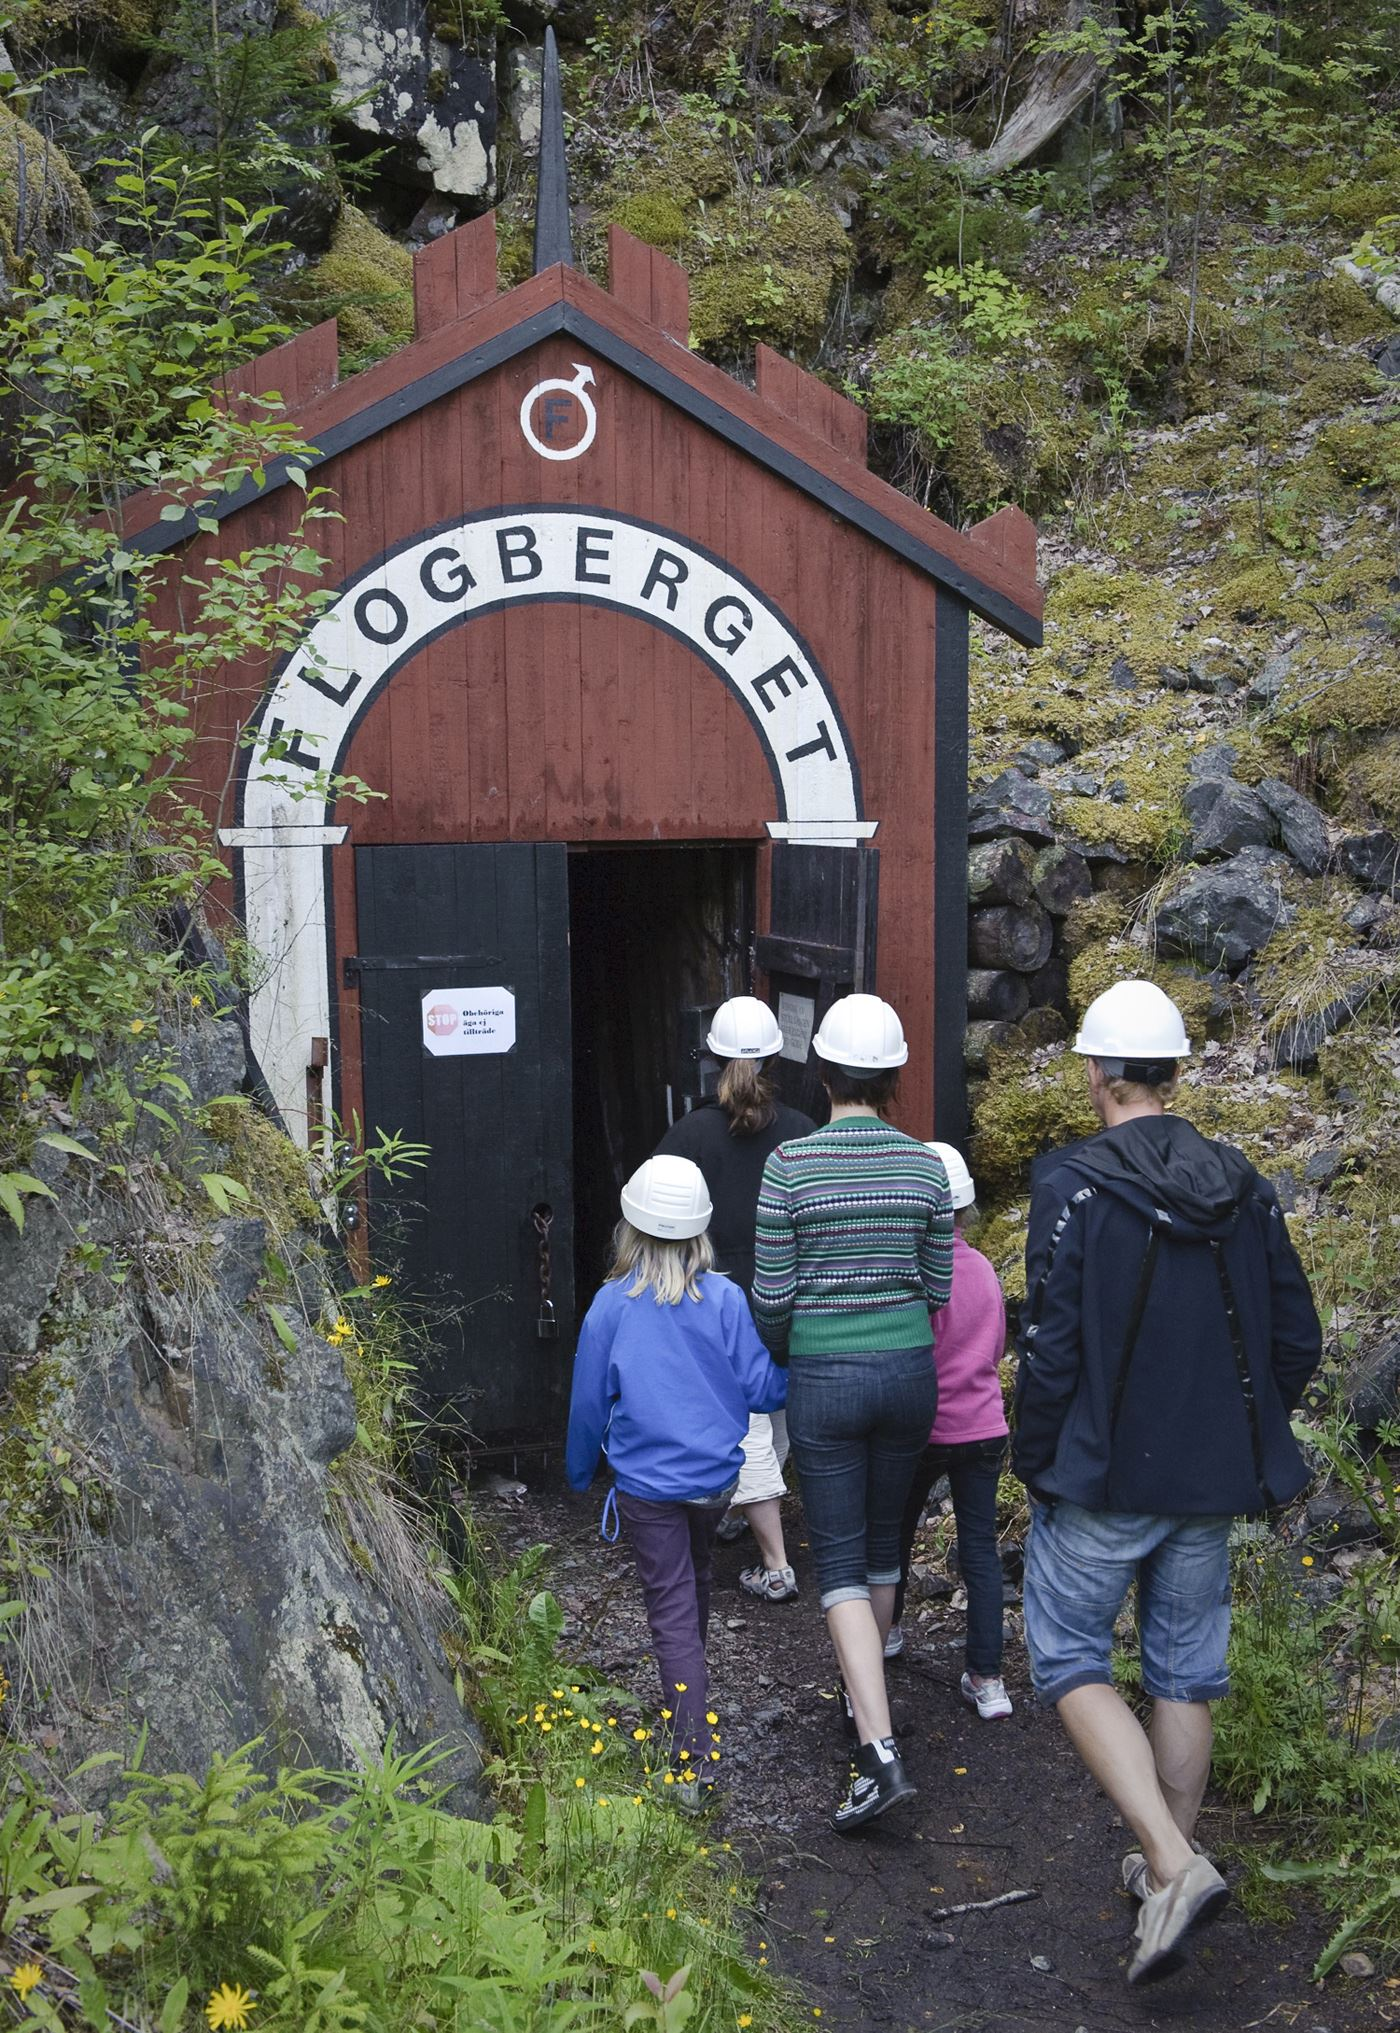 foto: Gomer, Flogbergets gruvor